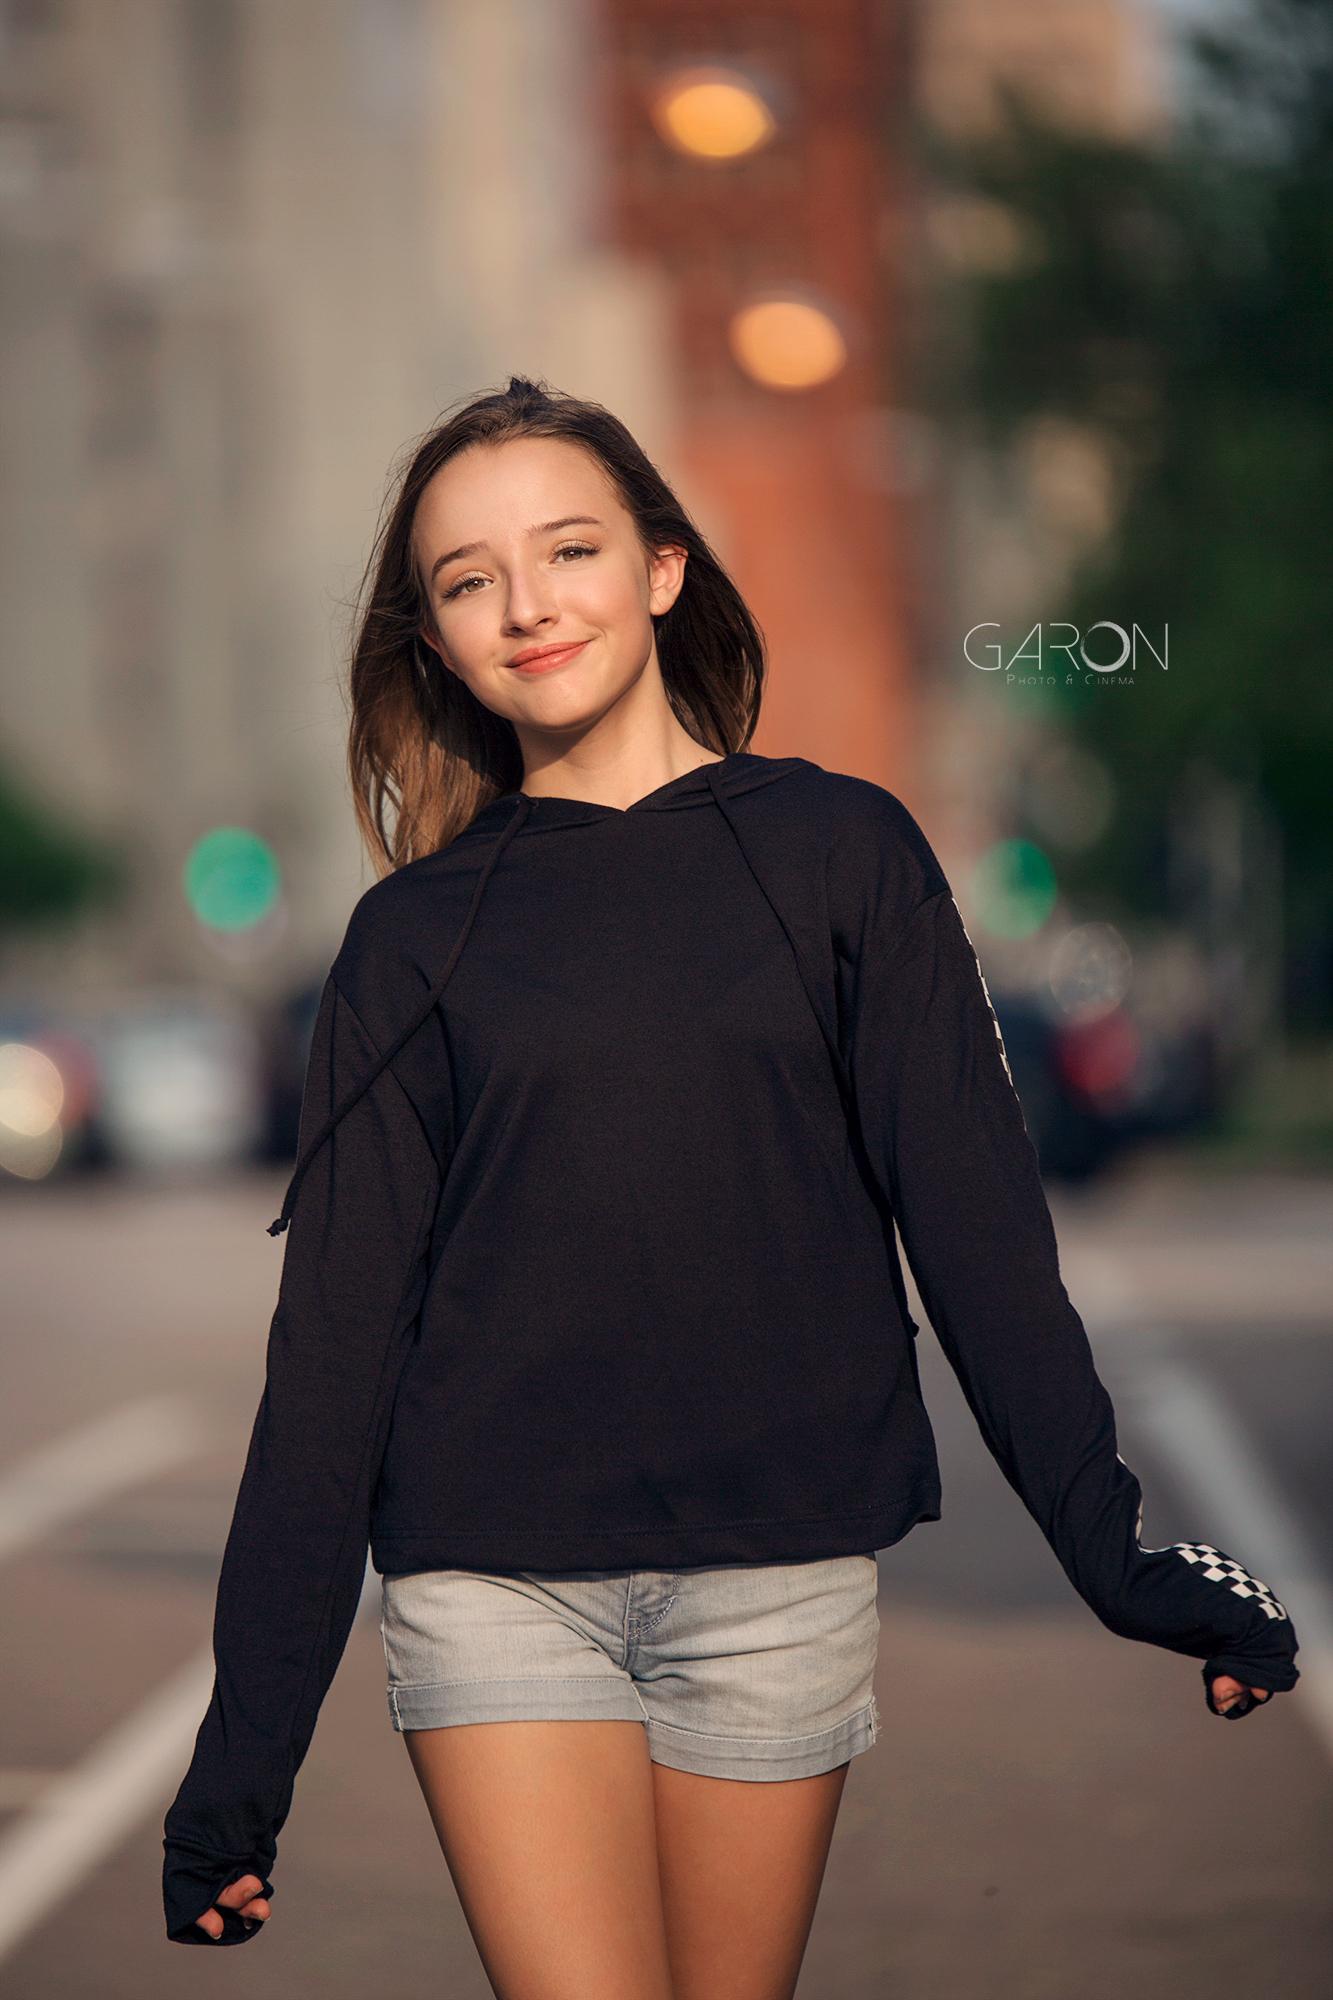 Lauren-59.jpg